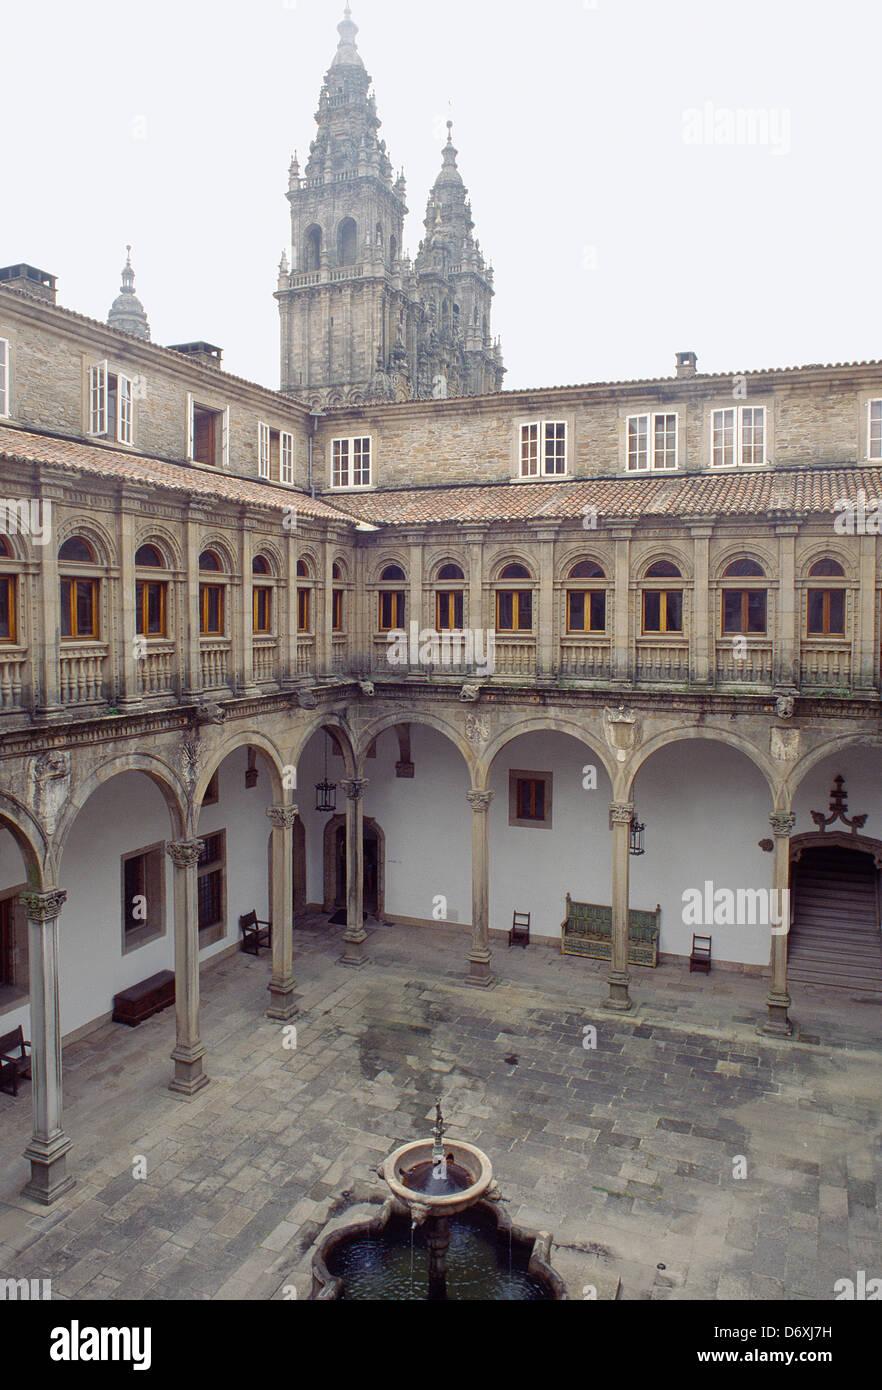 Courtyard and cathedral. Parador Hostal de los Reyes Catolicos, Santiago de Compostela, La Coruña province, - Stock Image